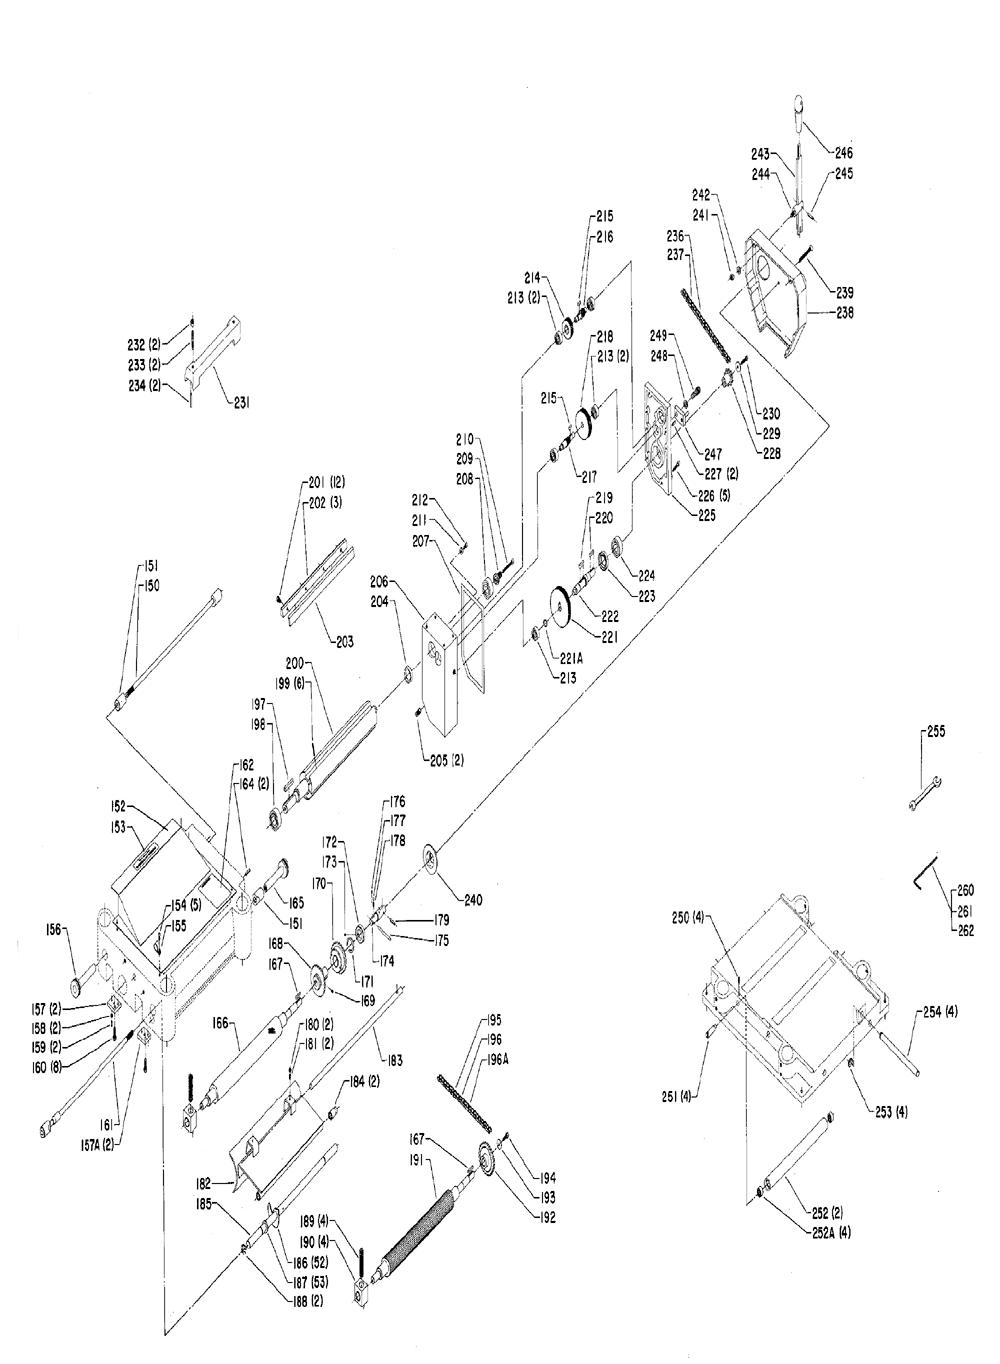 22-650-Delta-T2-PB-1Break Down